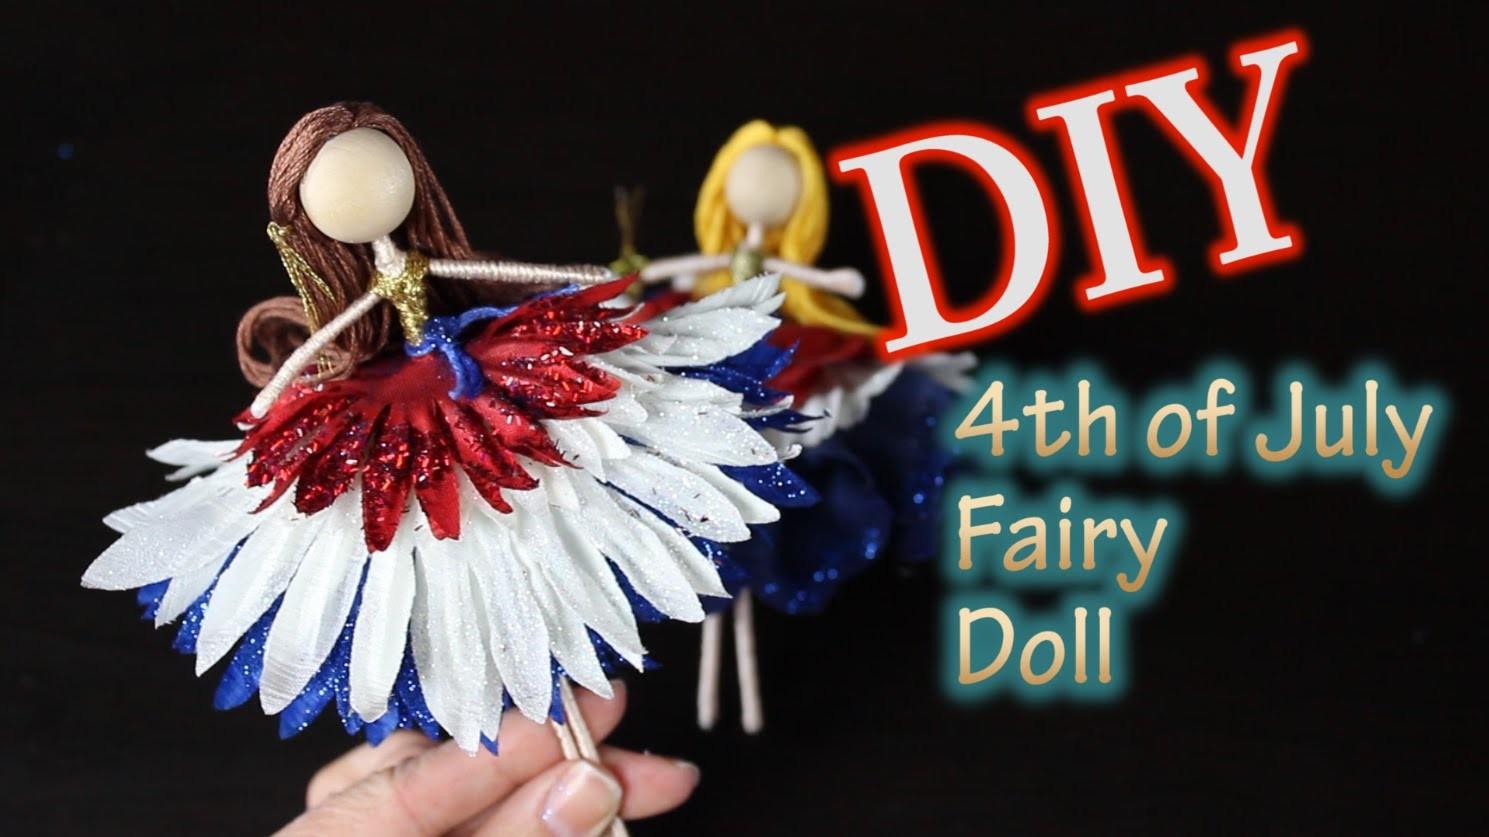 DIY 4th of July Fairy Doll